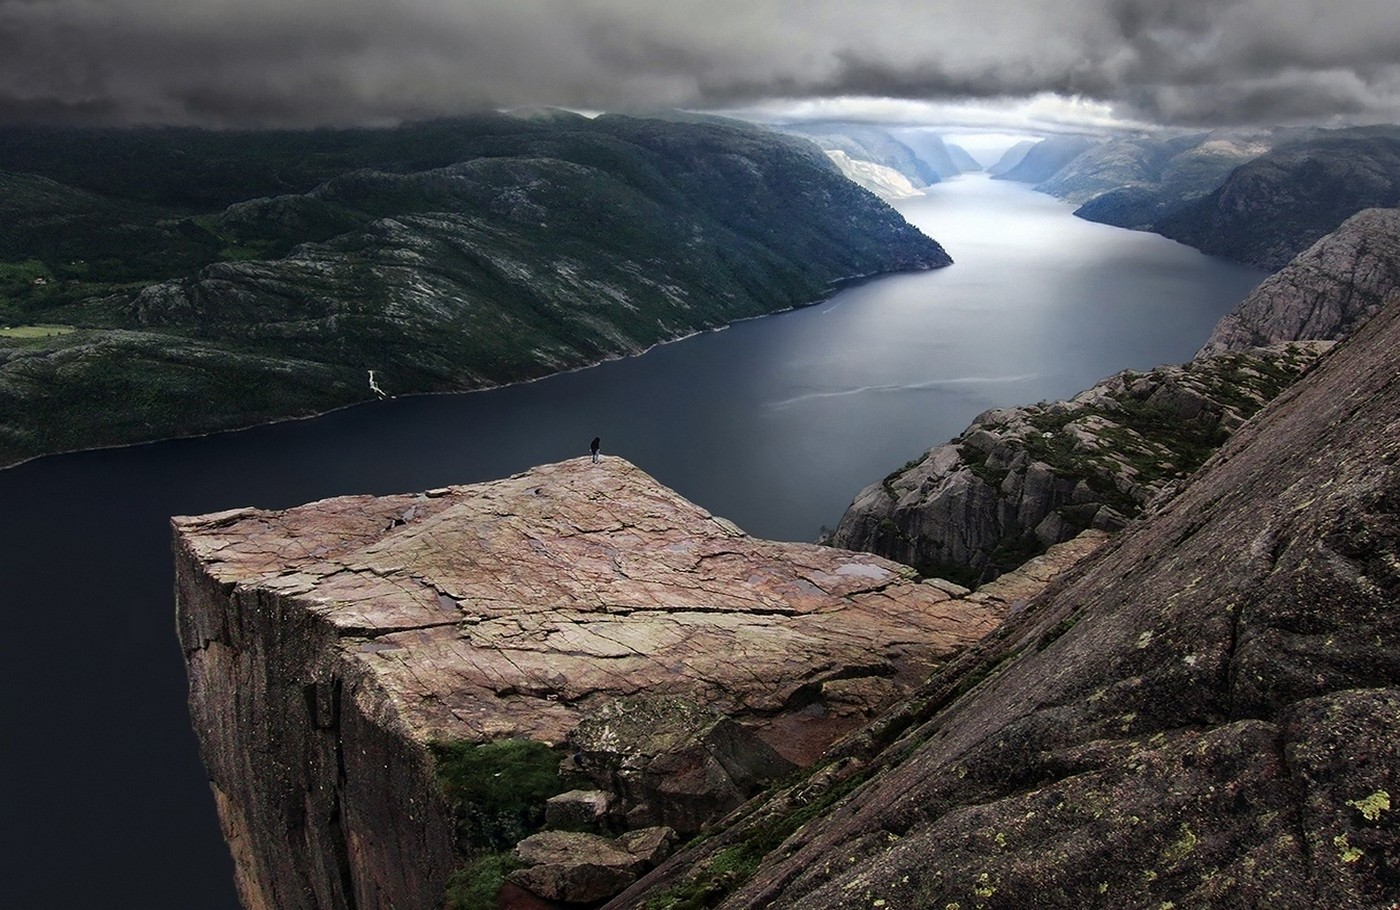 3d Wallpaper Net Nature Landscape Preikestolen Norway Fjord Mountain